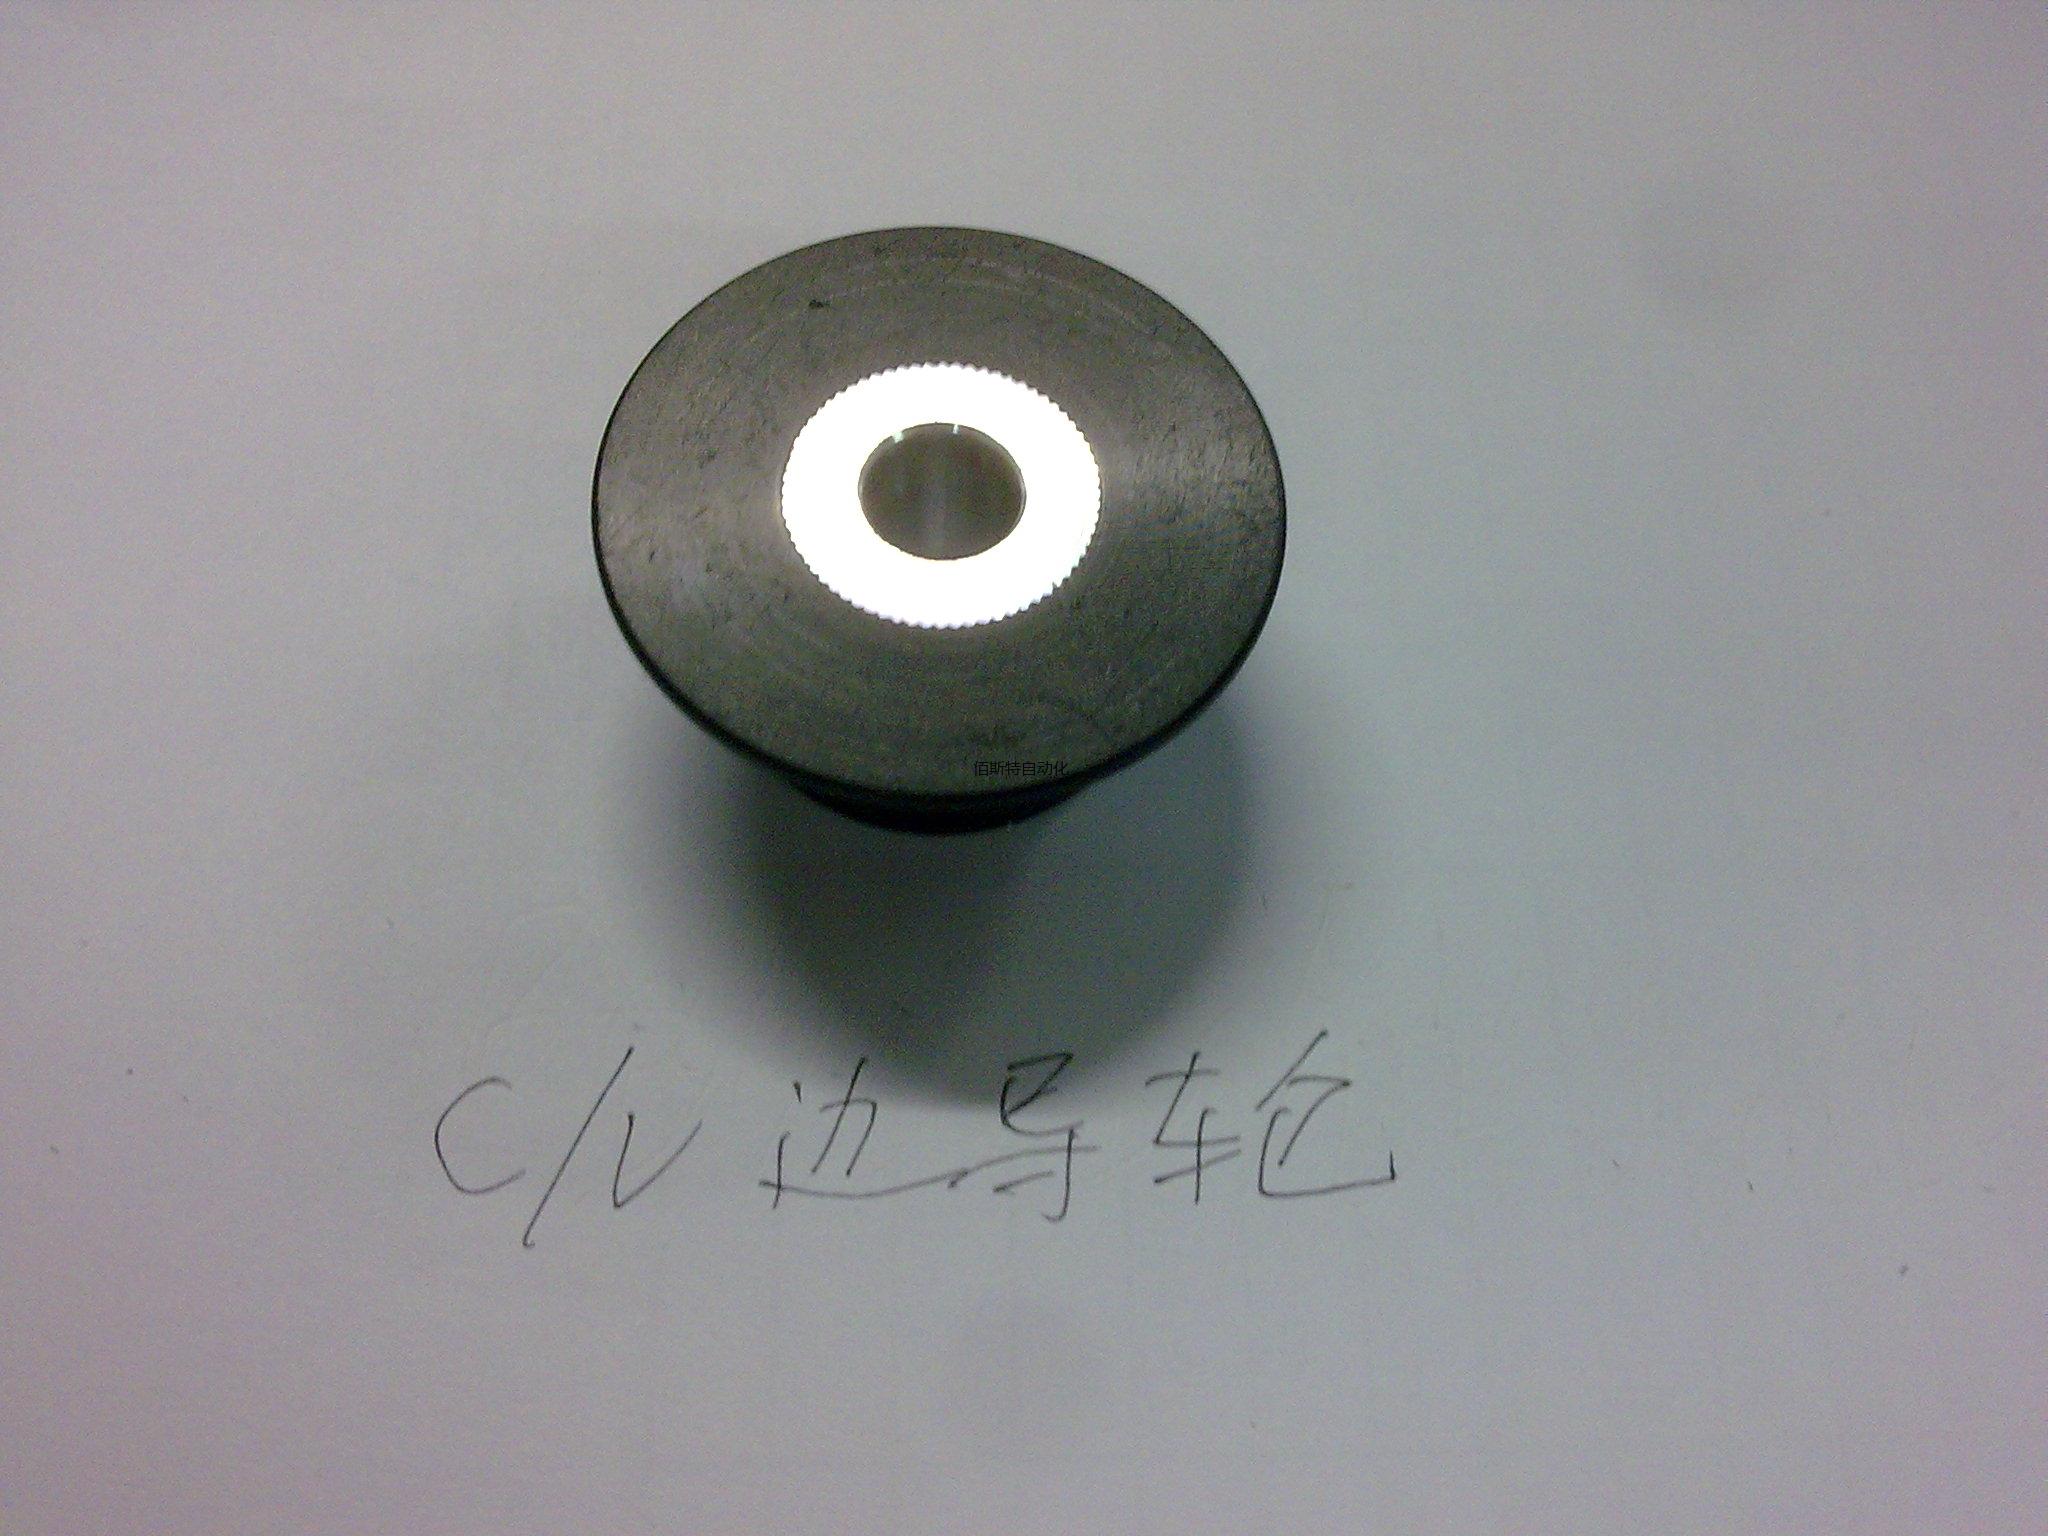 UPE滚轮防静电耐磨耐高温耐腐蚀不留无痕